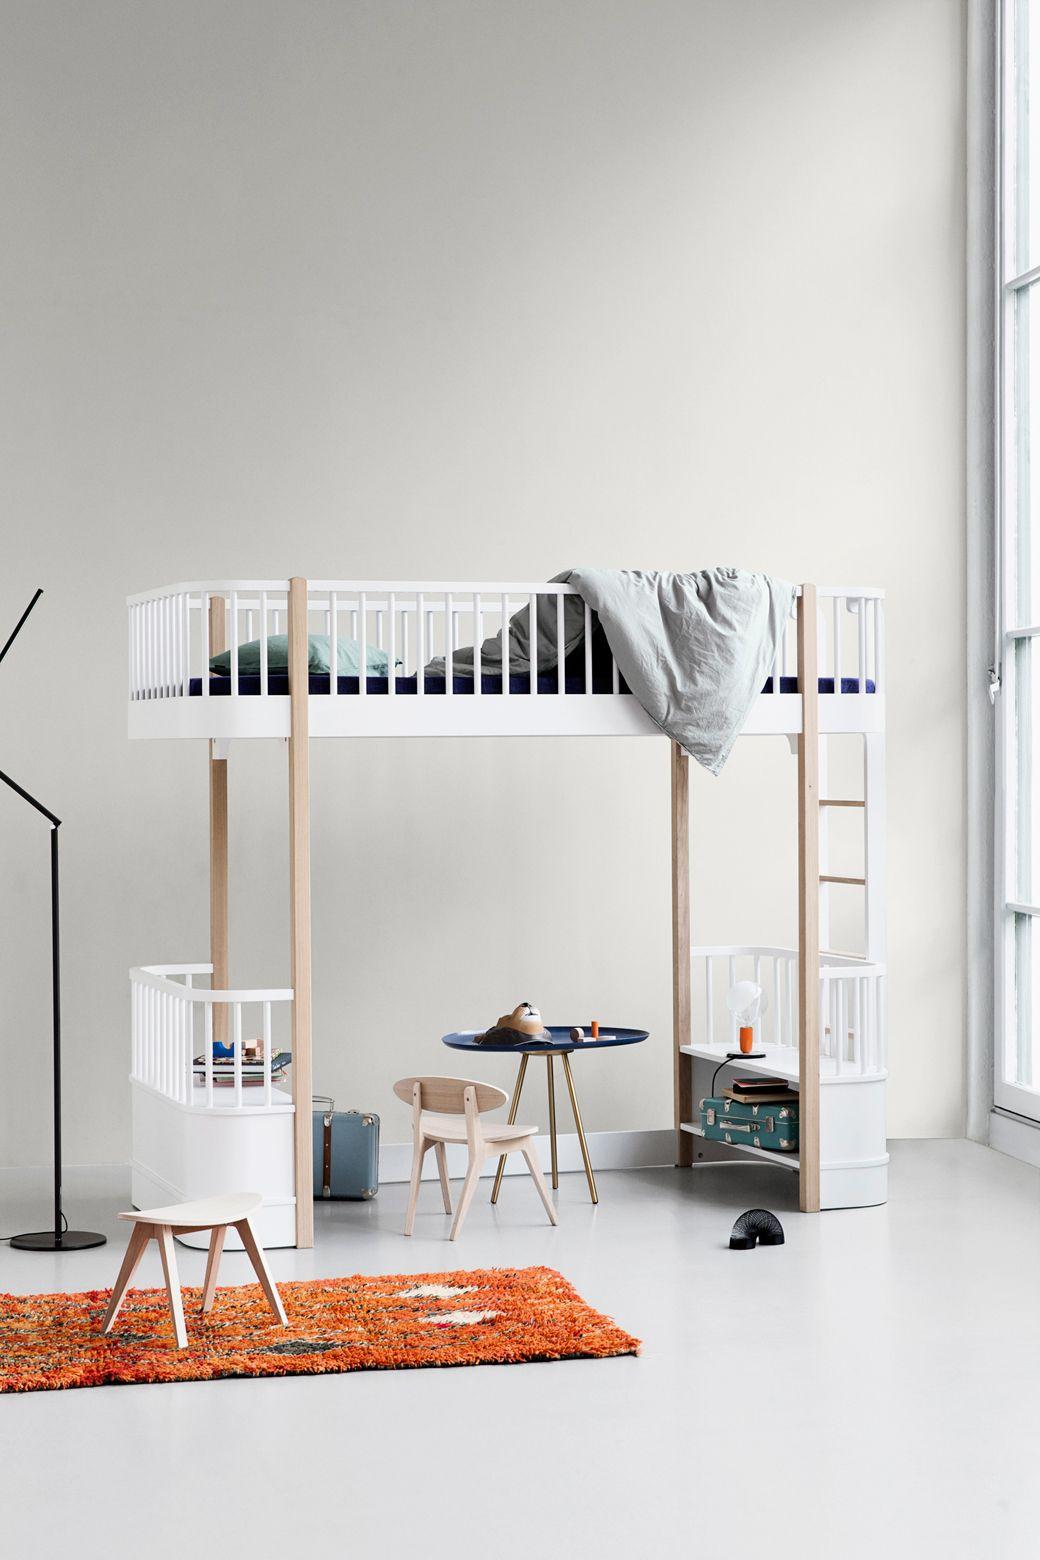 Oliverfurniture5 Childrens Bedroom Furniture Furniture Kids Bedroom Furniture